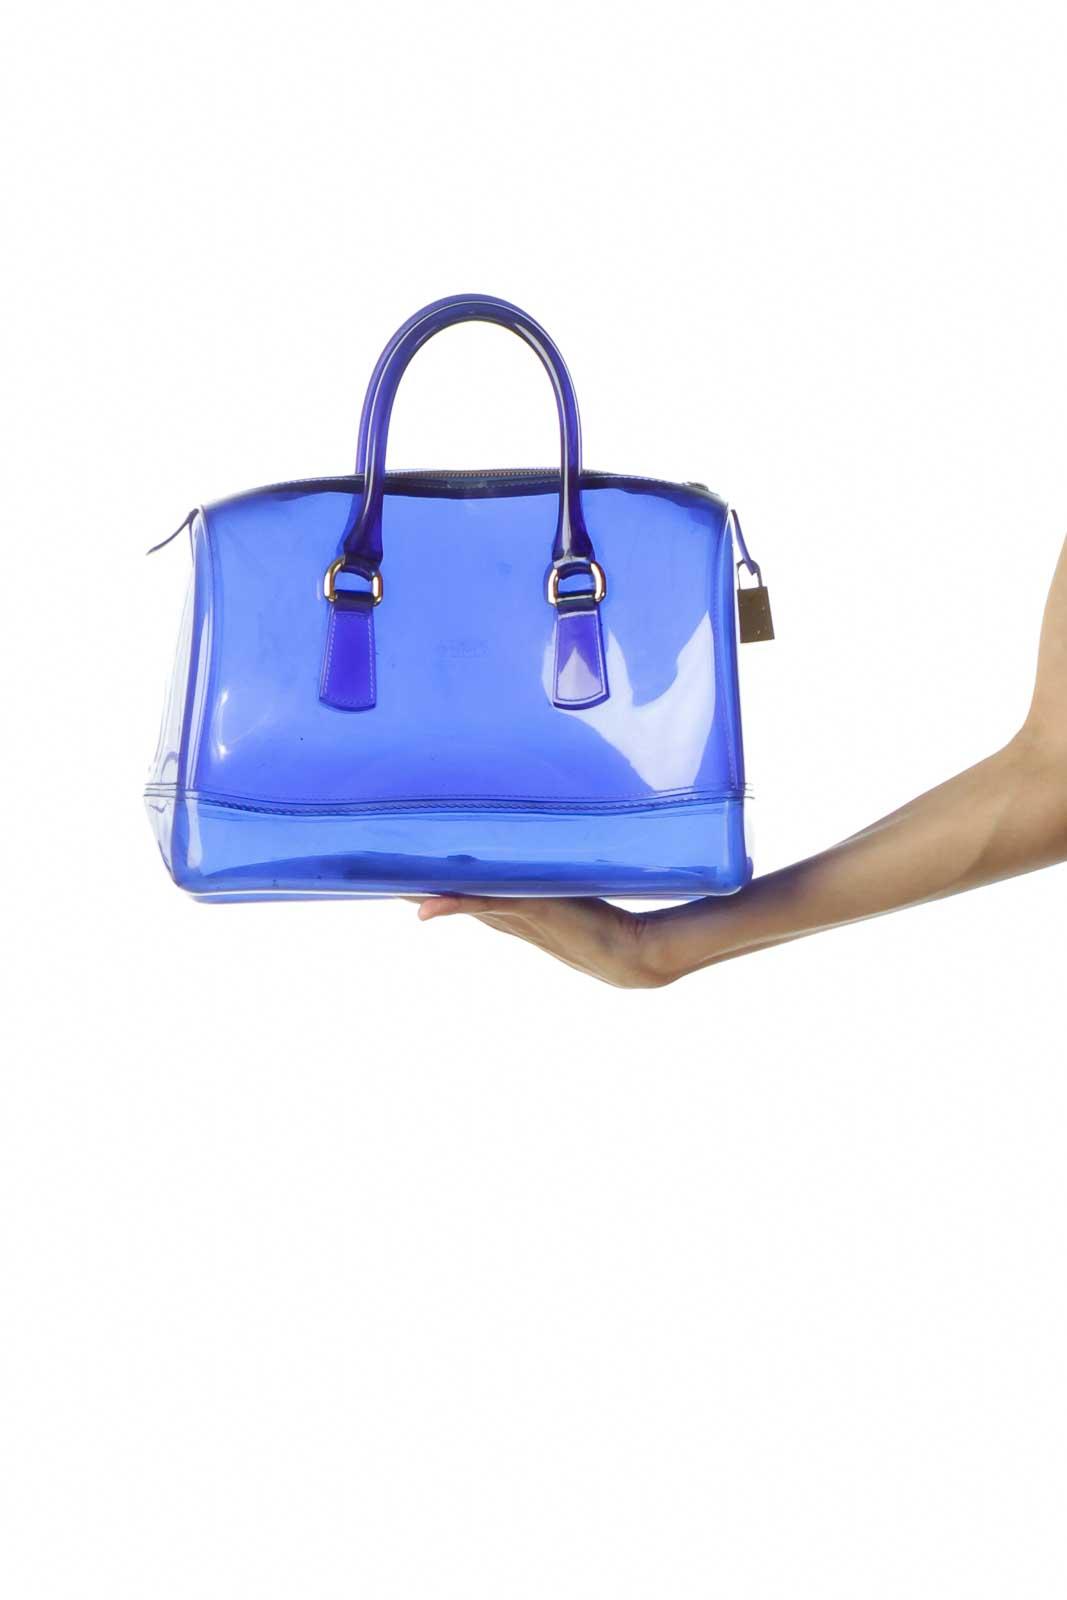 Clear Blue Shoulder Bag Front